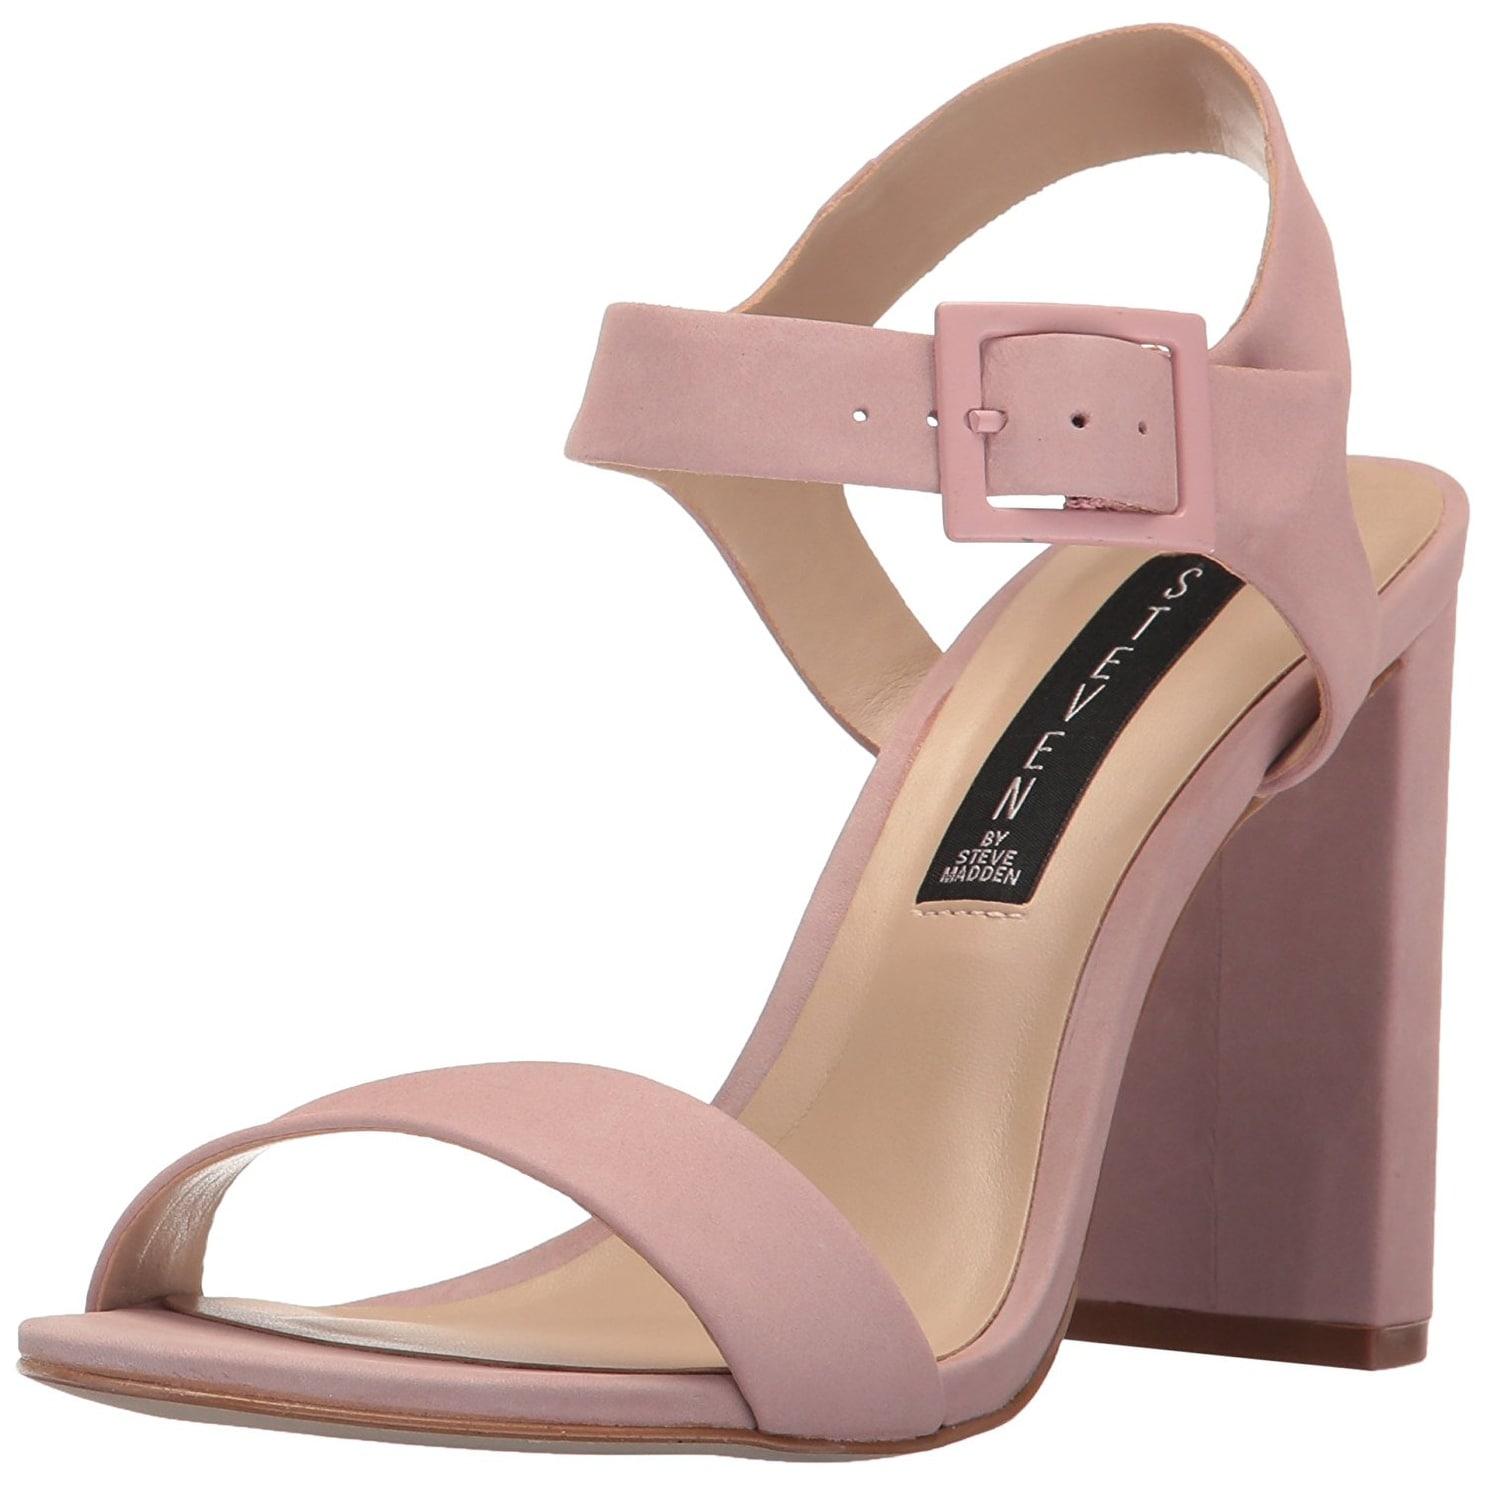 STEVEN by Steve Madden Womens Eisla NuBuck Open Toe Pink Nubuck Size 90